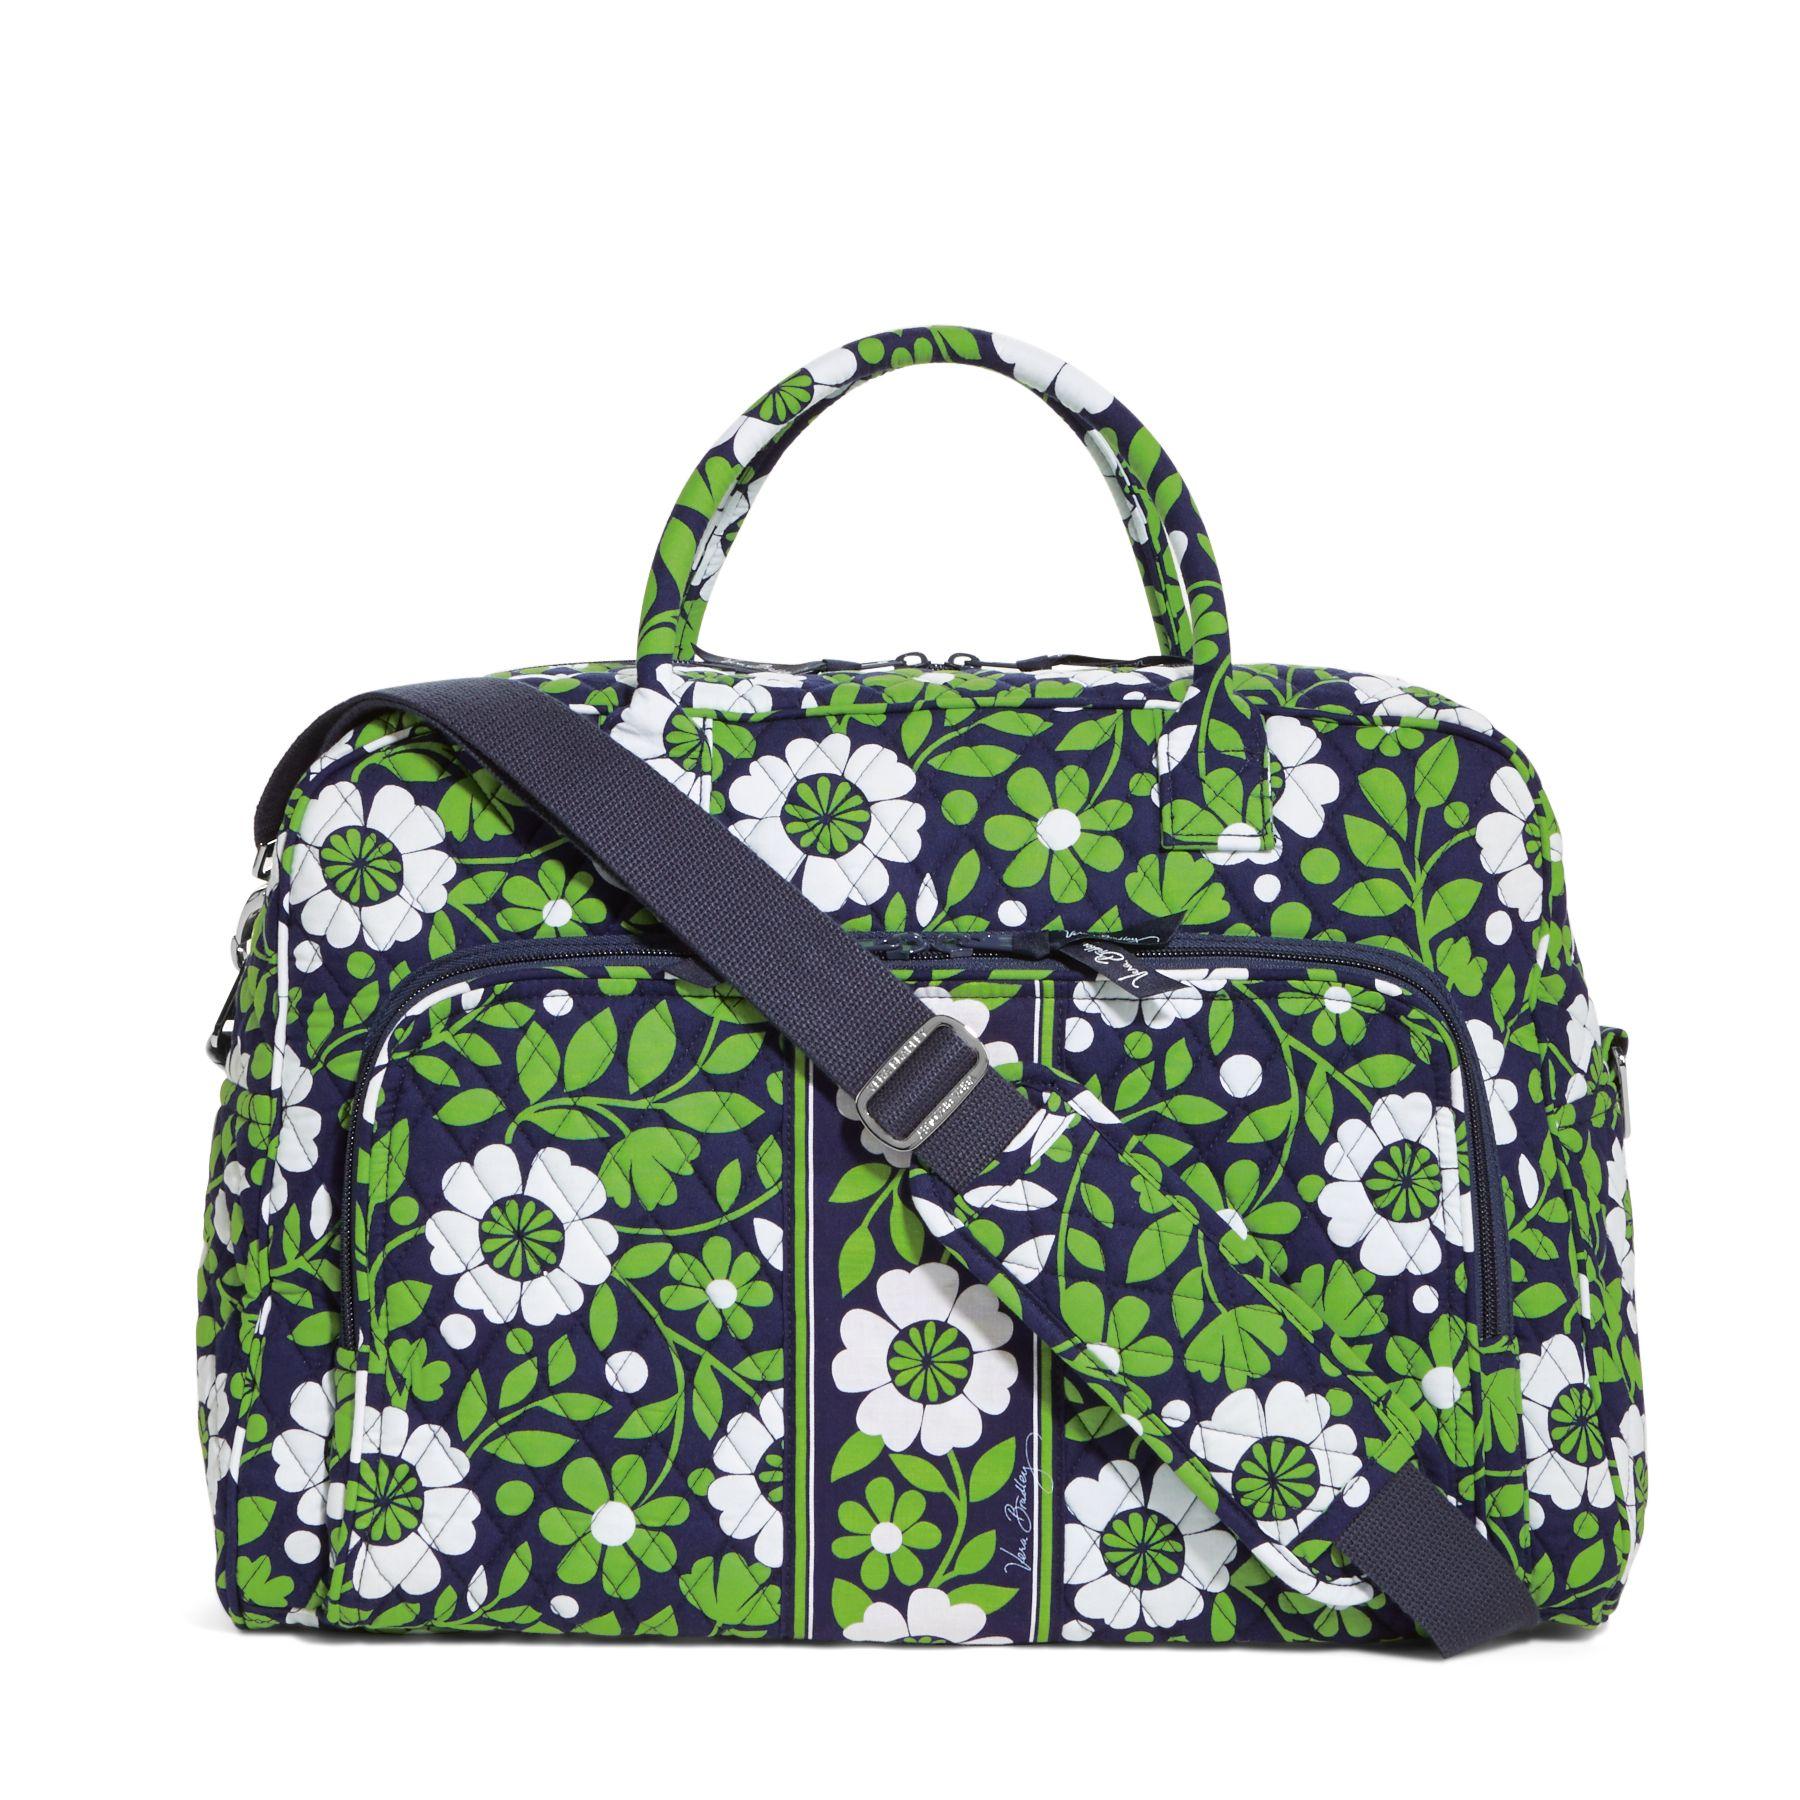 Vera Bradley Weekender Travel Bag in Lucky You